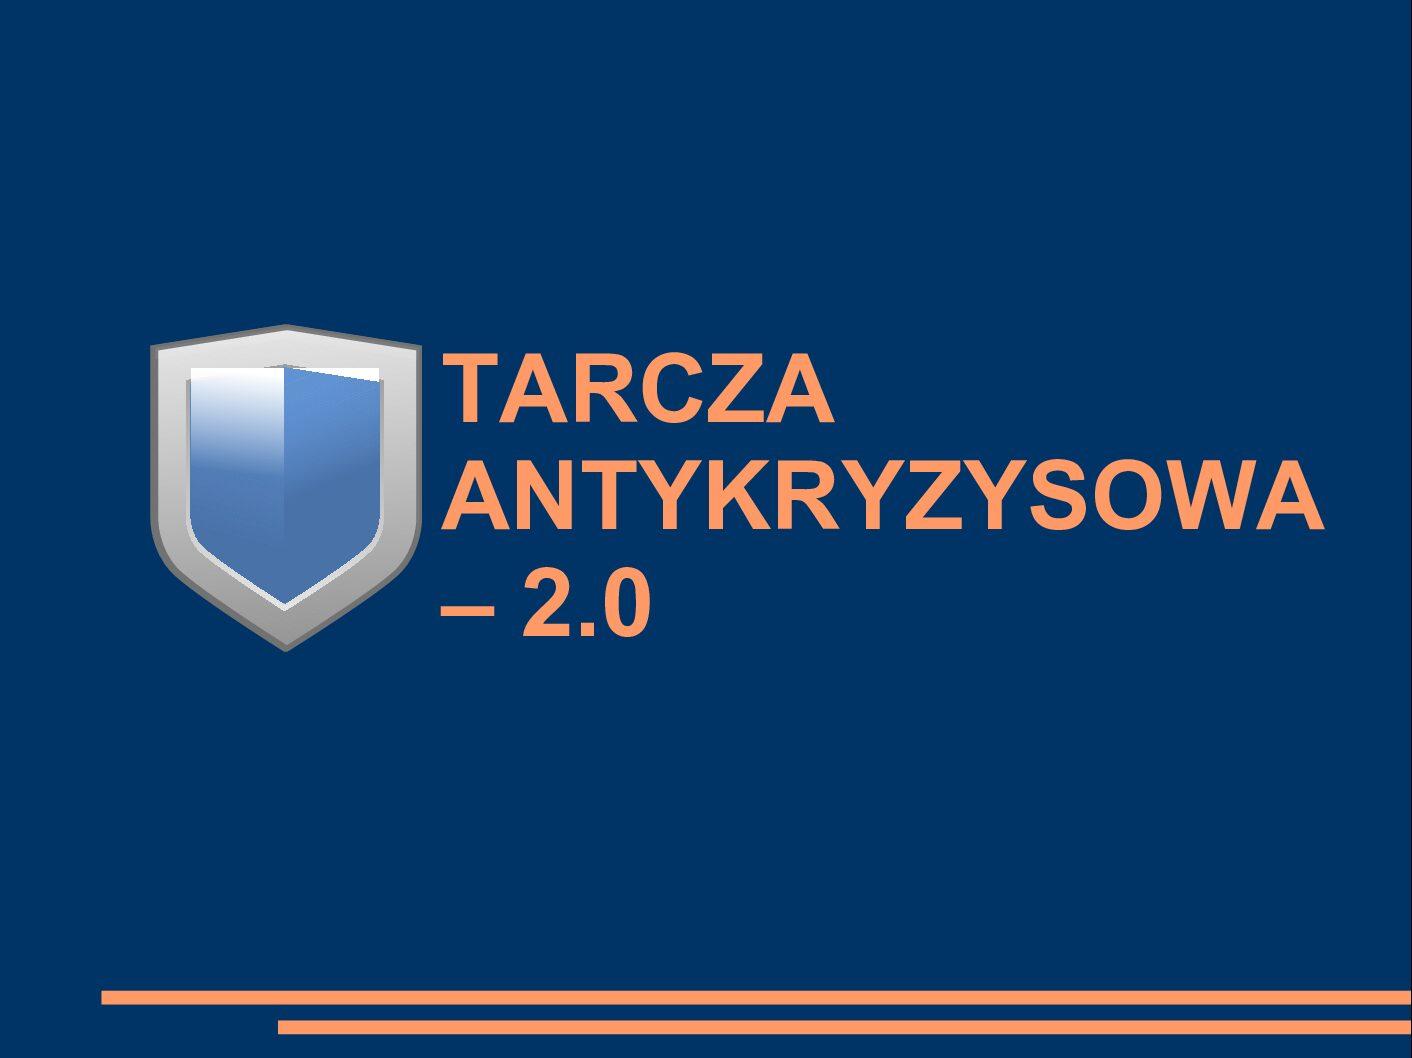 Tarcza antykryzysowa – 2.0